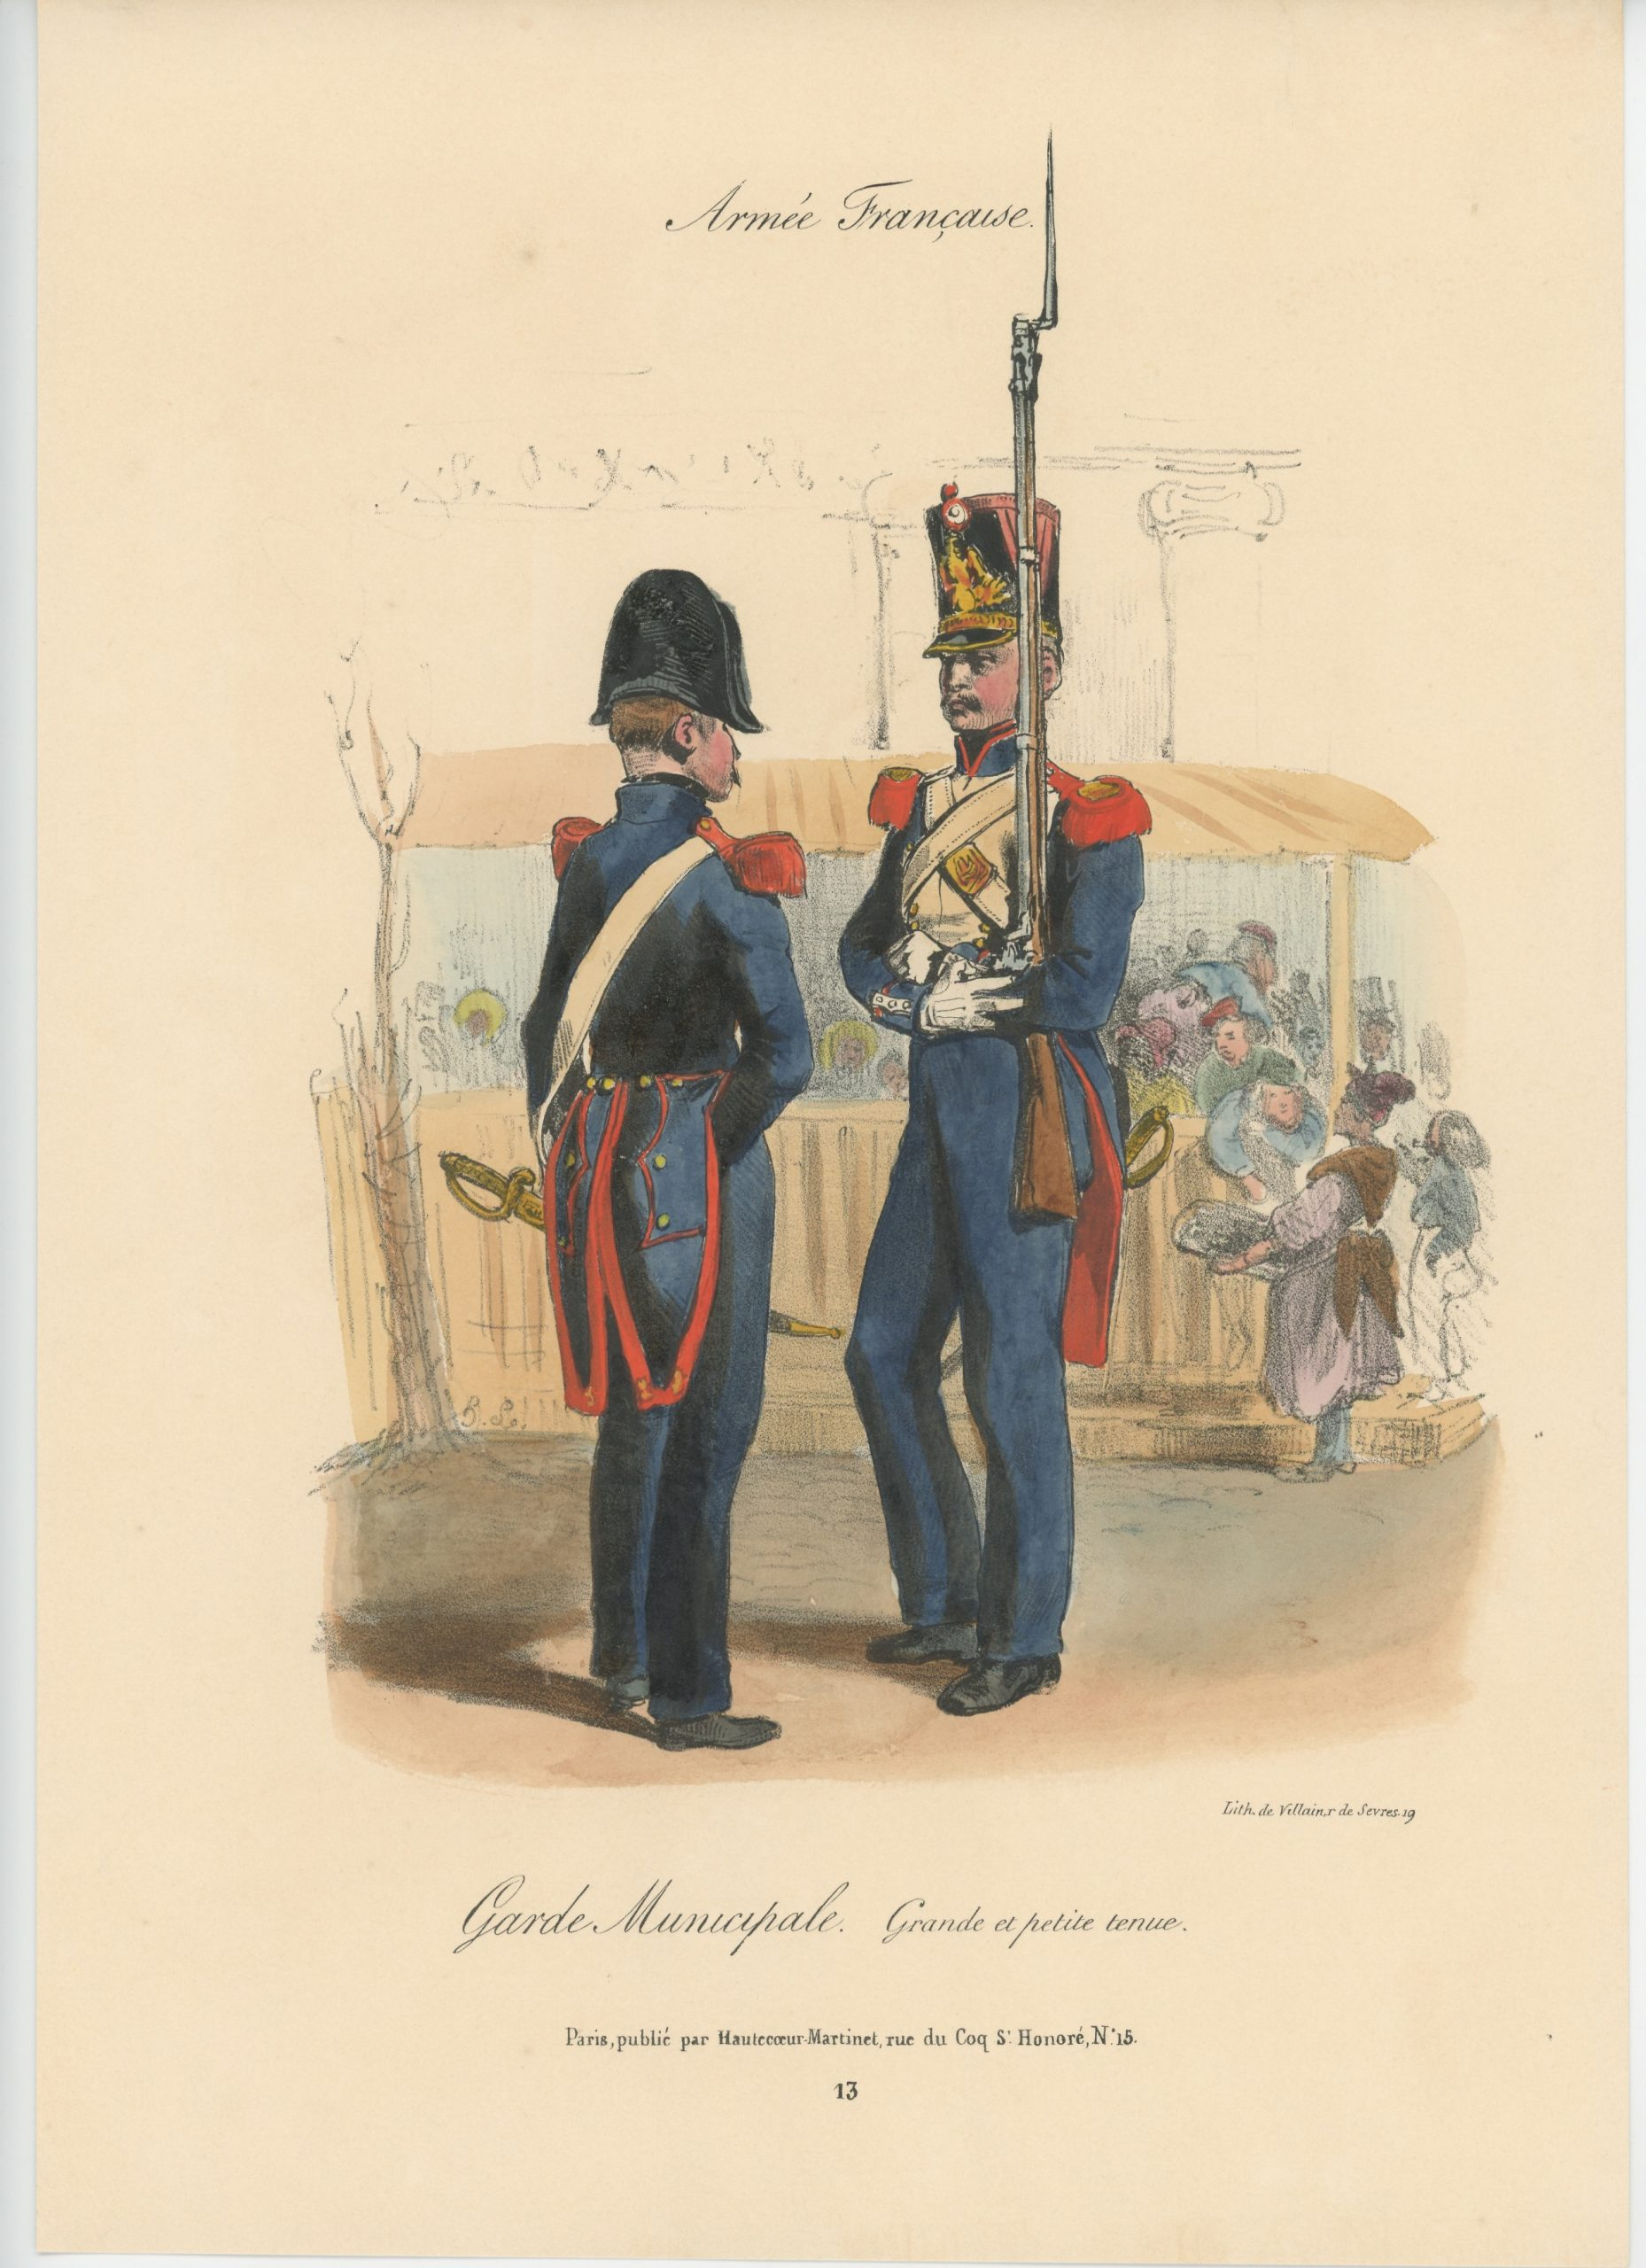 Gravure XIX - Martinet - L'armée française - Uniforme -Soldat - Monarchie de Juillet - 1830 et 1848 - Garde Municipale